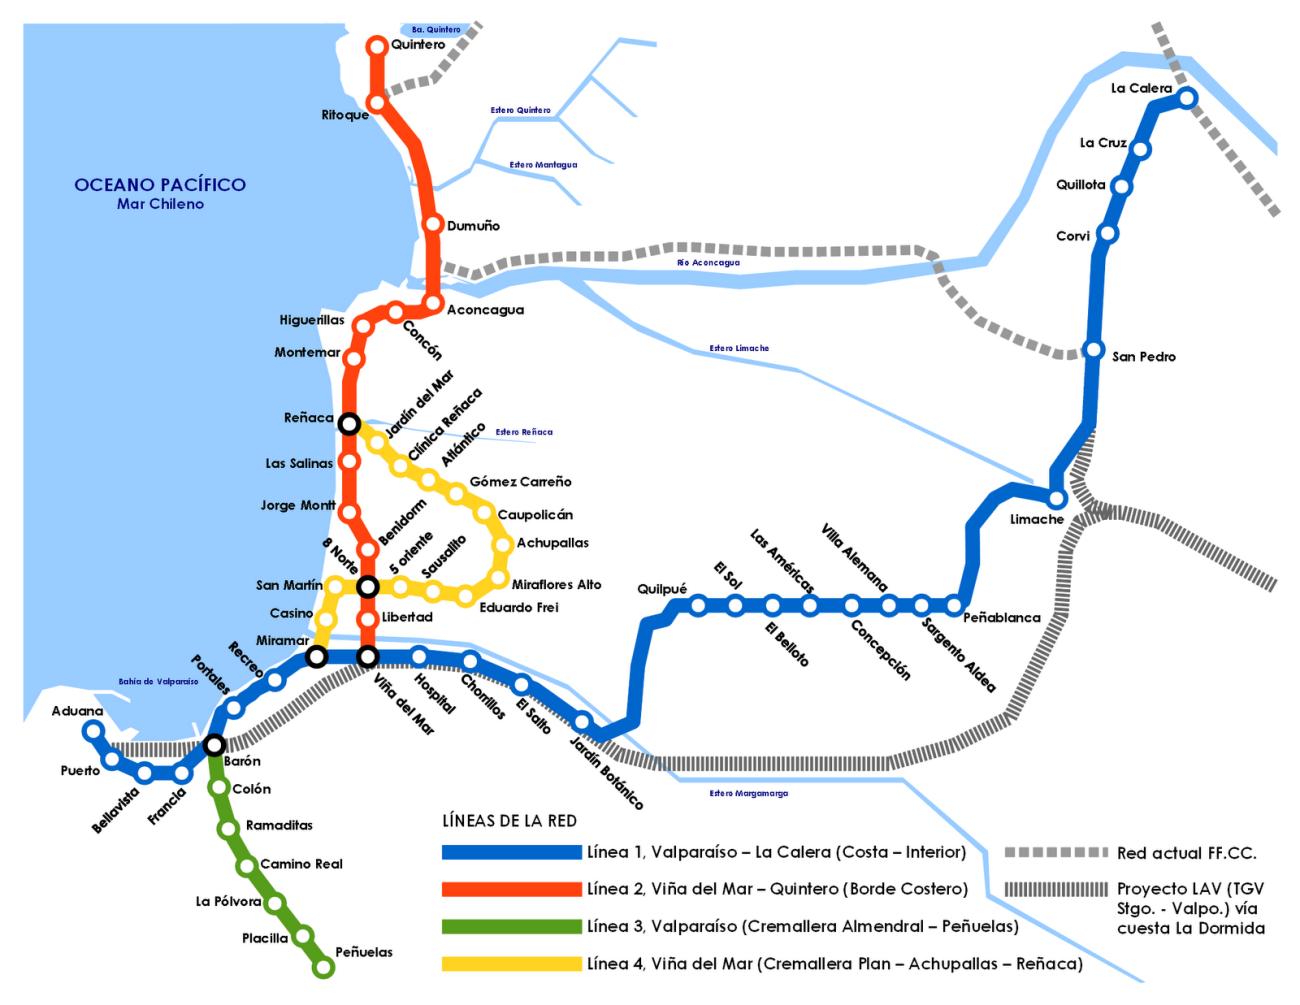 Propuesta Metro Valparaíso 2048_1_4 líneas_FFCC TGVladormida